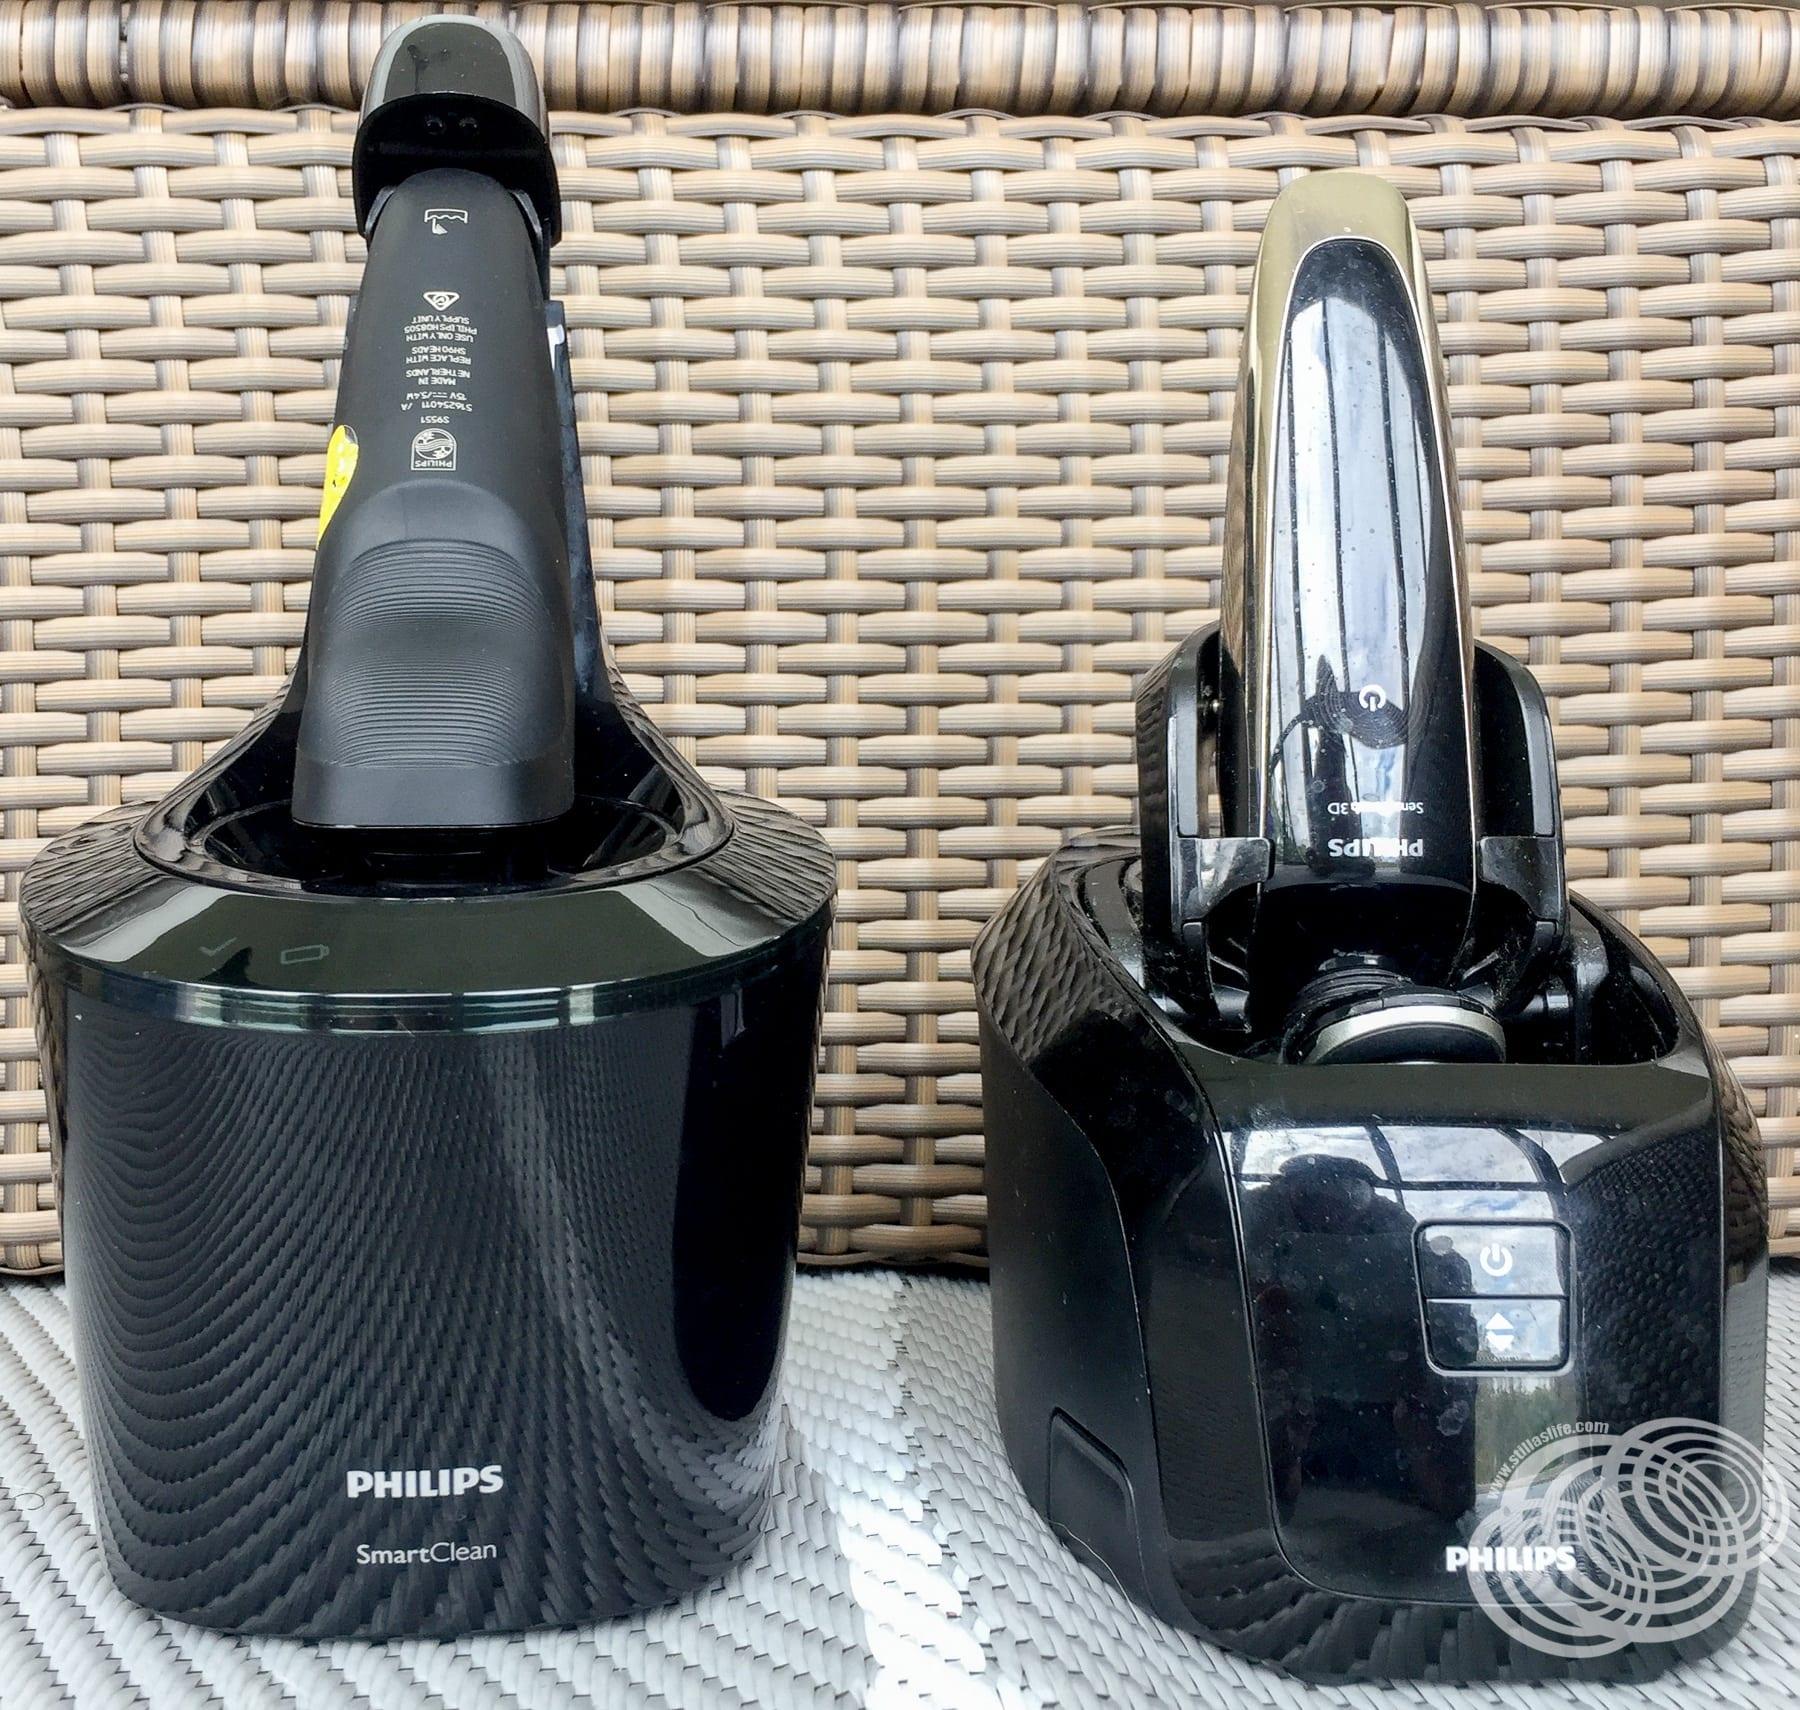 Comparación de altura más limpia con máquinas de afeitar en su lugar.